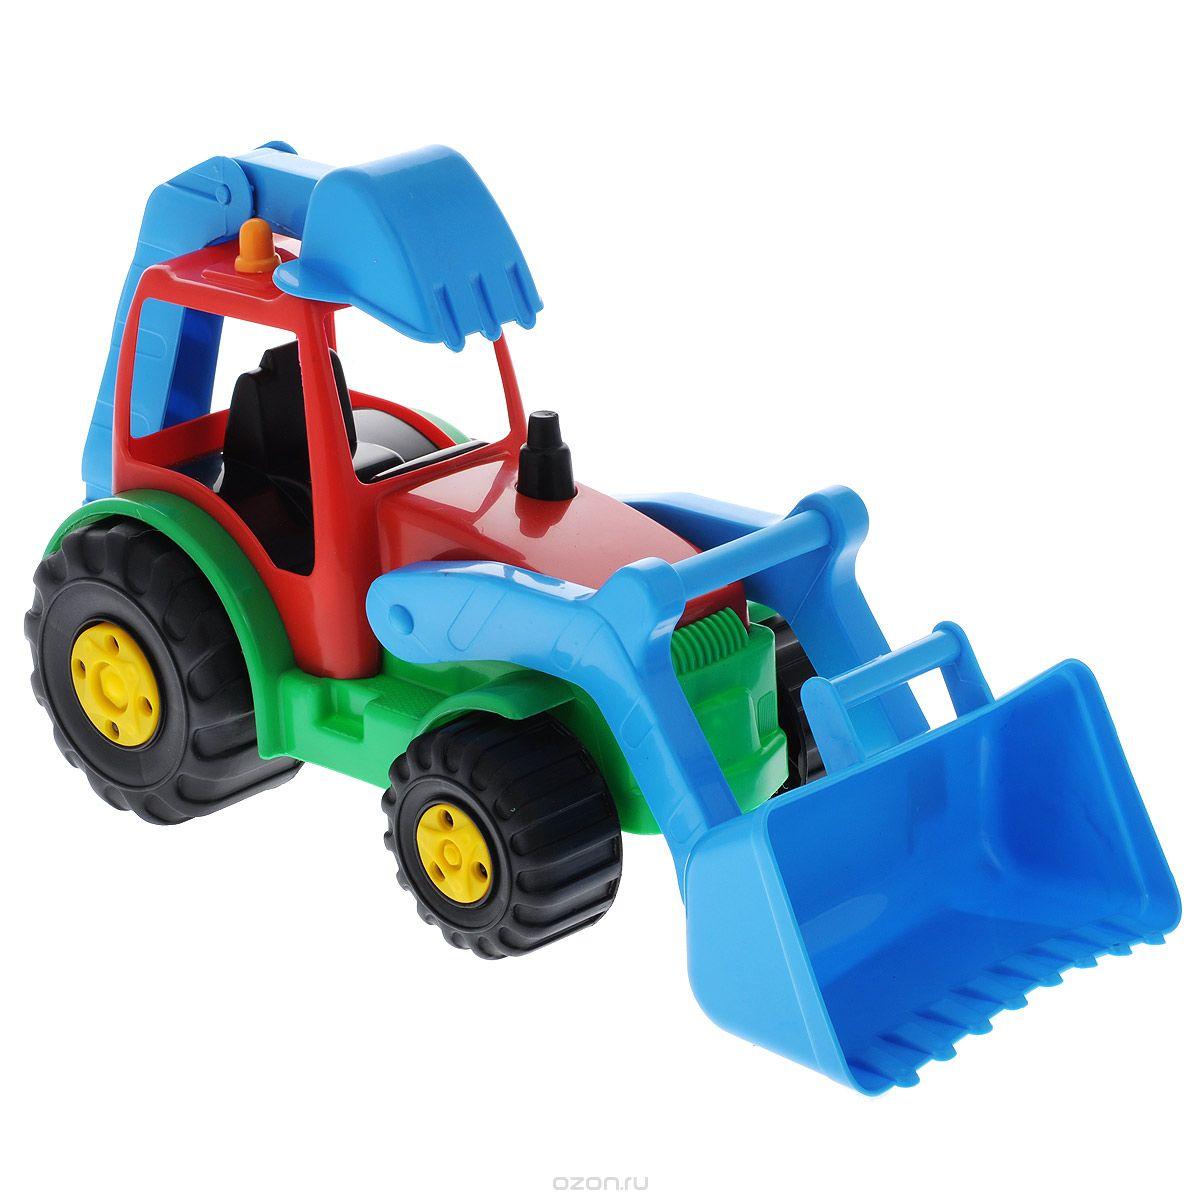 Игрушка AVC Трактор01/5192Яркий трактор AVC, выполненный из прочного безопасного пластика красного, зеленого и синего цветов, отлично подойдет ребенку для различных игр. Трактор оснащен большим ковшом, с помощью которого можно перемещать различные материалы (камни, песок, строительный мусор), и ковшом обратной лопаты. Оба ковша обладают подвижной конструкцией. В просторную кабину можно поместить небольшую игрушку. Большие крутящиеся колеса обеспечивают игрушке устойчивость и хорошую проходимость. Игрушка развивает концентрацию внимания, цветовое восприятие, воображение, а также моторику рук. Ваш ребенок непременно обрадуется новому транспорту в своем игрушечном автопарке. Порадуйте его таким замечательным подарком!